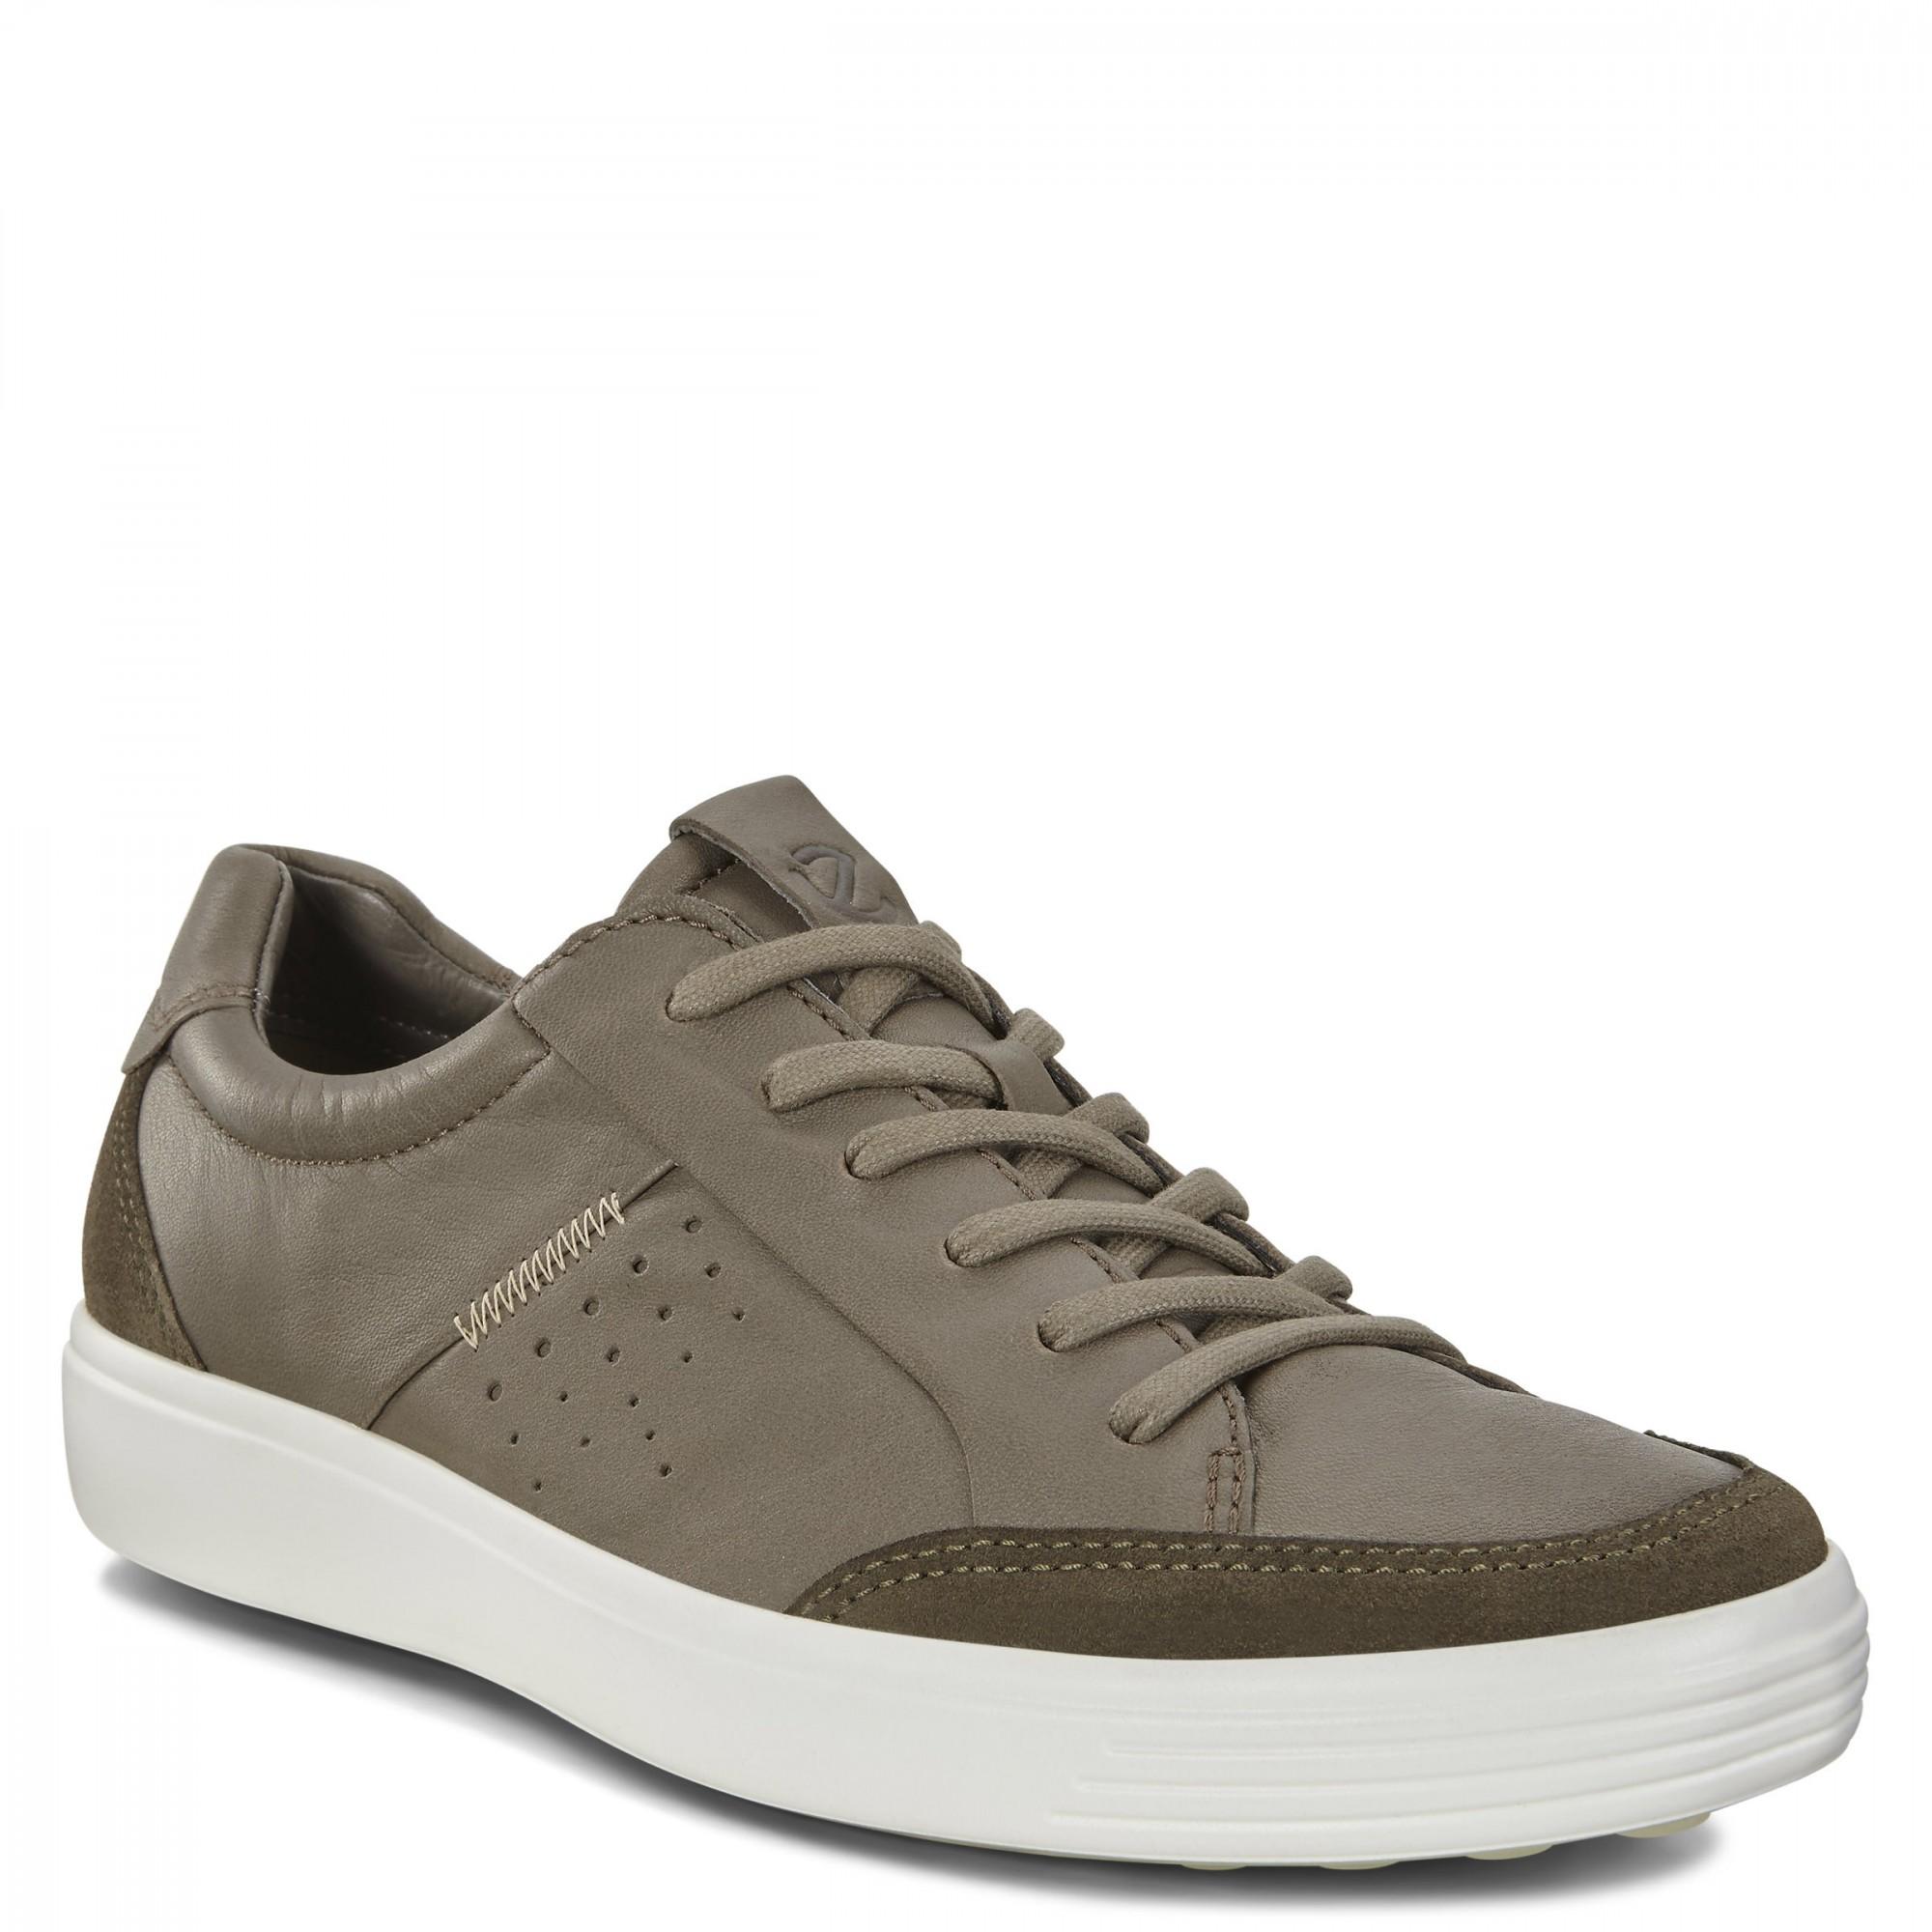 22fc1aed5d ECCO scarpe, ECCO Schuhe, ECCO shoes, scarpe ECCO, ECCO golf, ECCO scarpe  Gore Tex, ECCO Shops by SAVE, ECCO Biom, sandalo ECCO